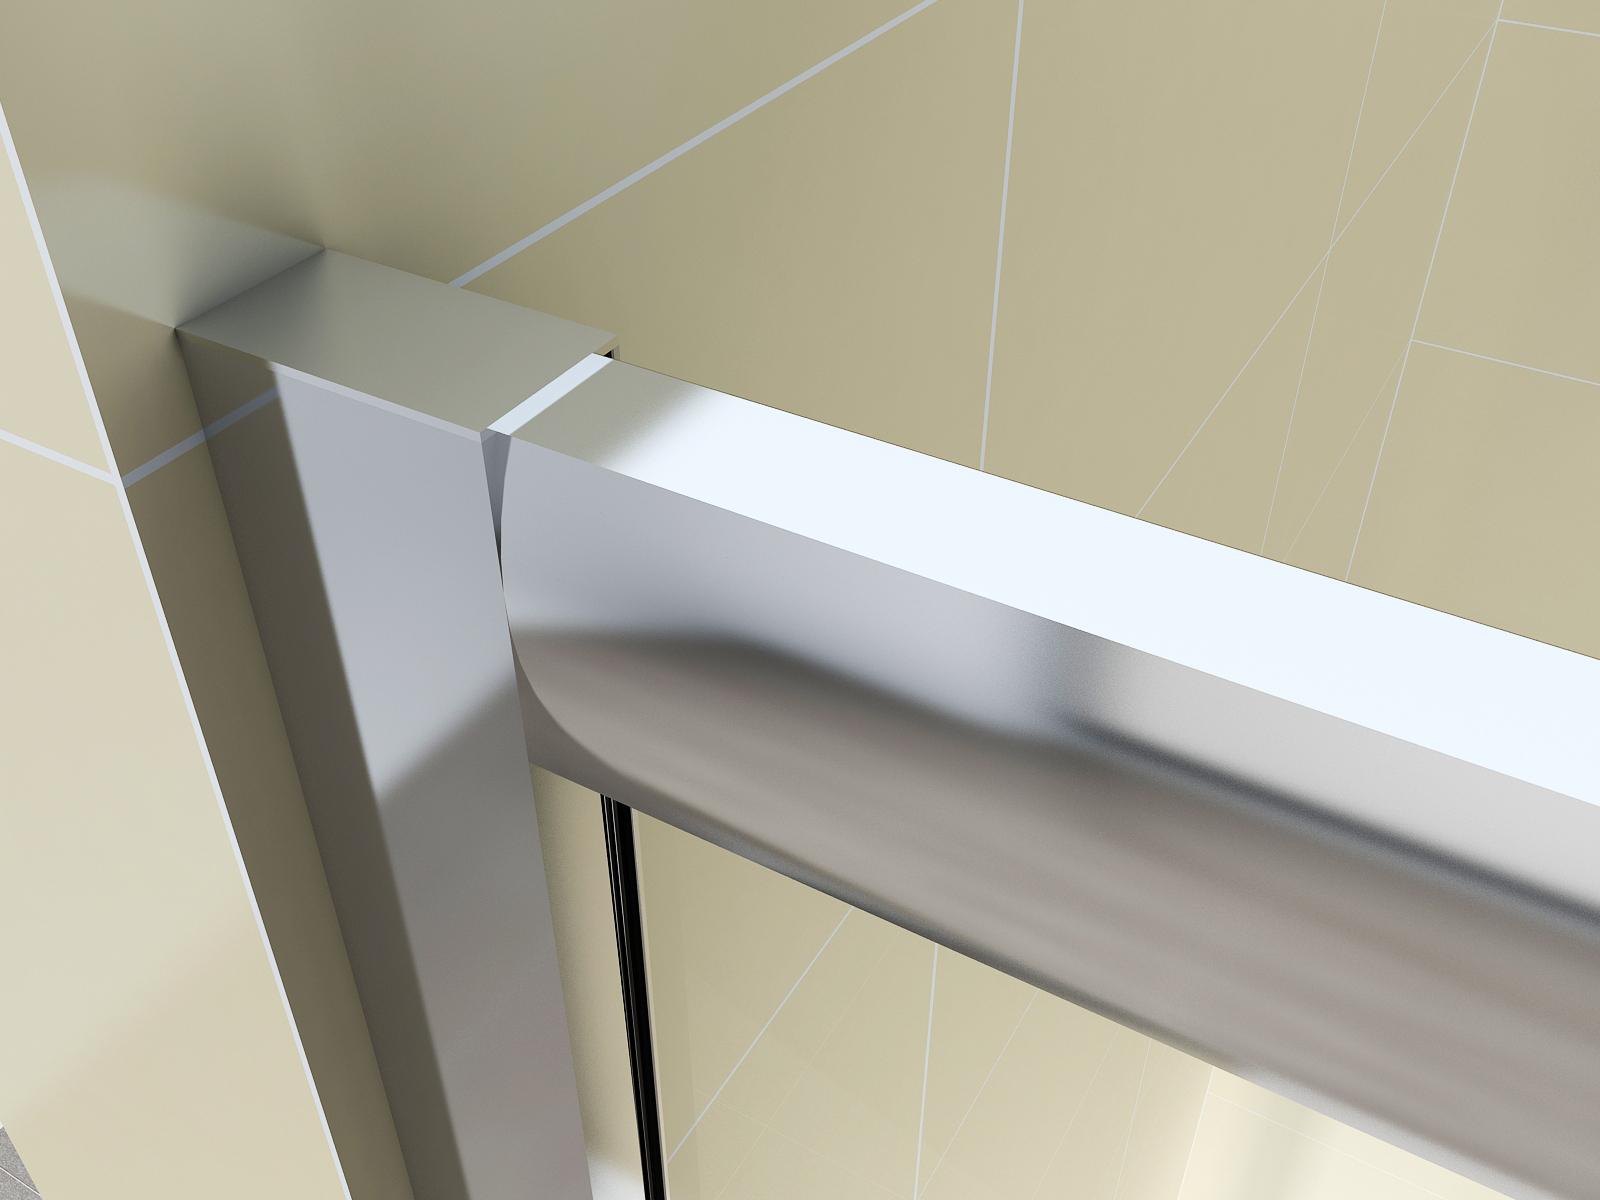 duschkabine dusche eckdusche duschabtrennung schiebet r echtglas nano klarglas kaufen bei. Black Bedroom Furniture Sets. Home Design Ideas